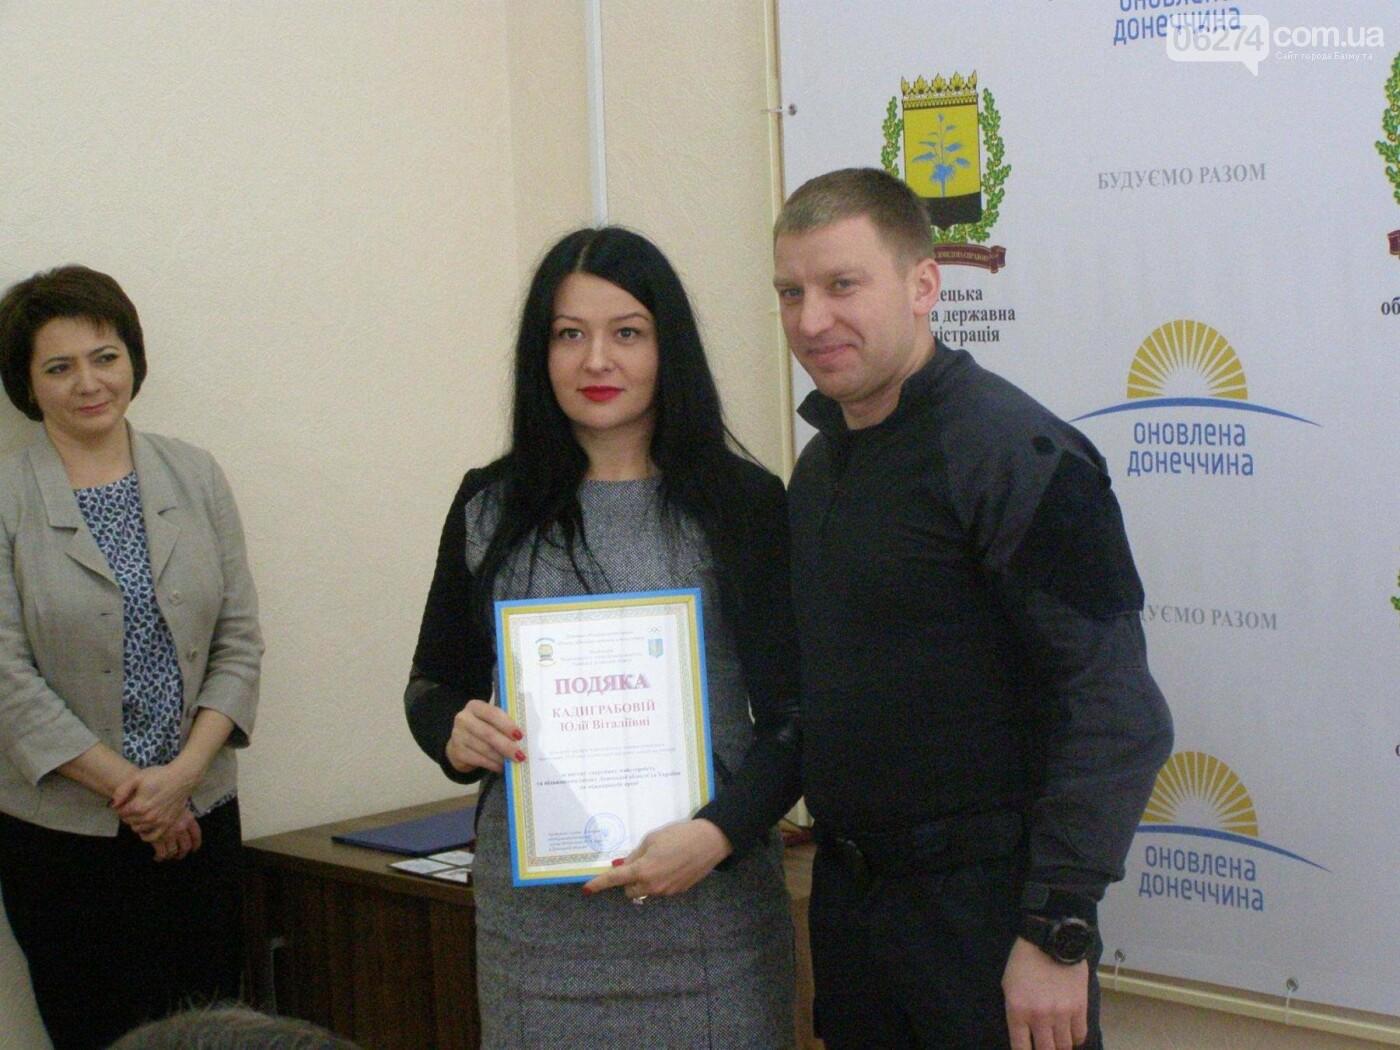 В Краматорске отметили лучших спортсменов и тренеров Донецкой области, фото-5